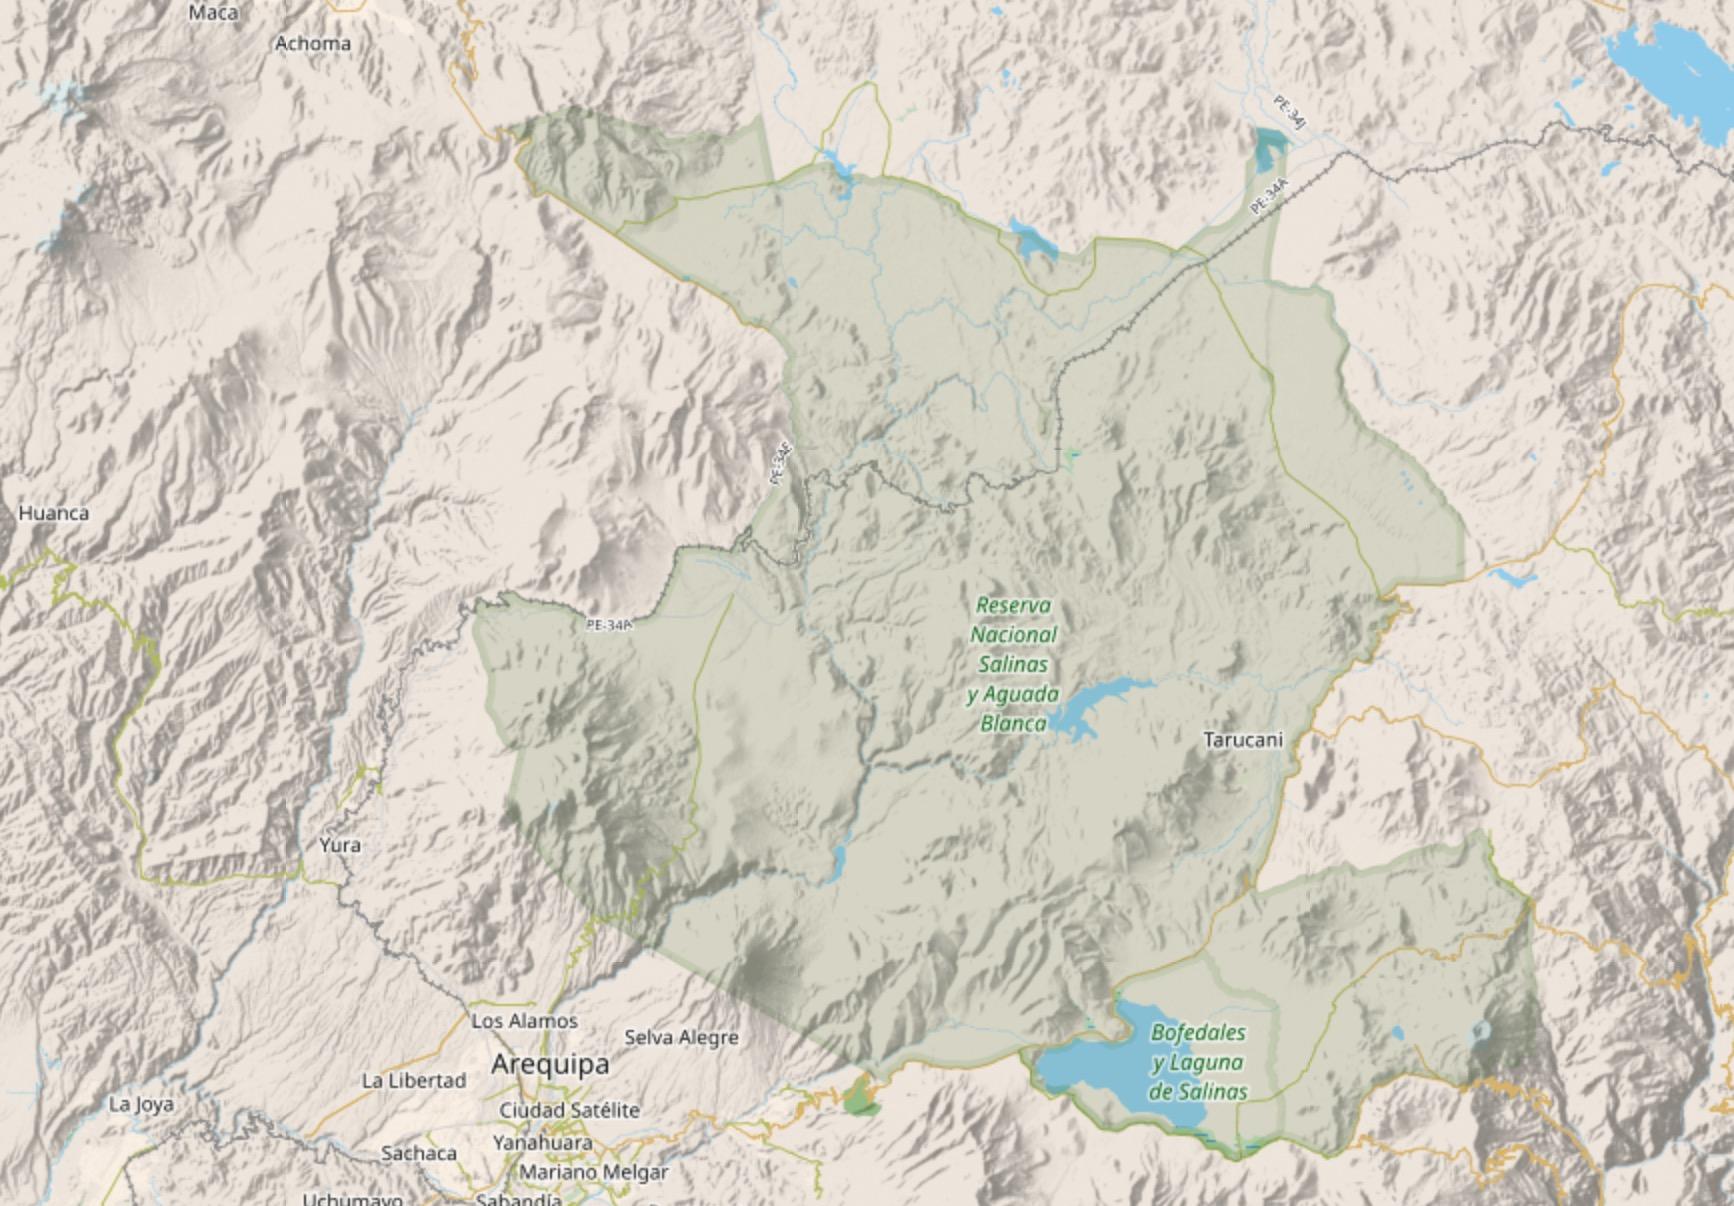 Auf dieser Karte sieht man wie groß das Reserva Nacional de Salinas y Aguada Blanca ist